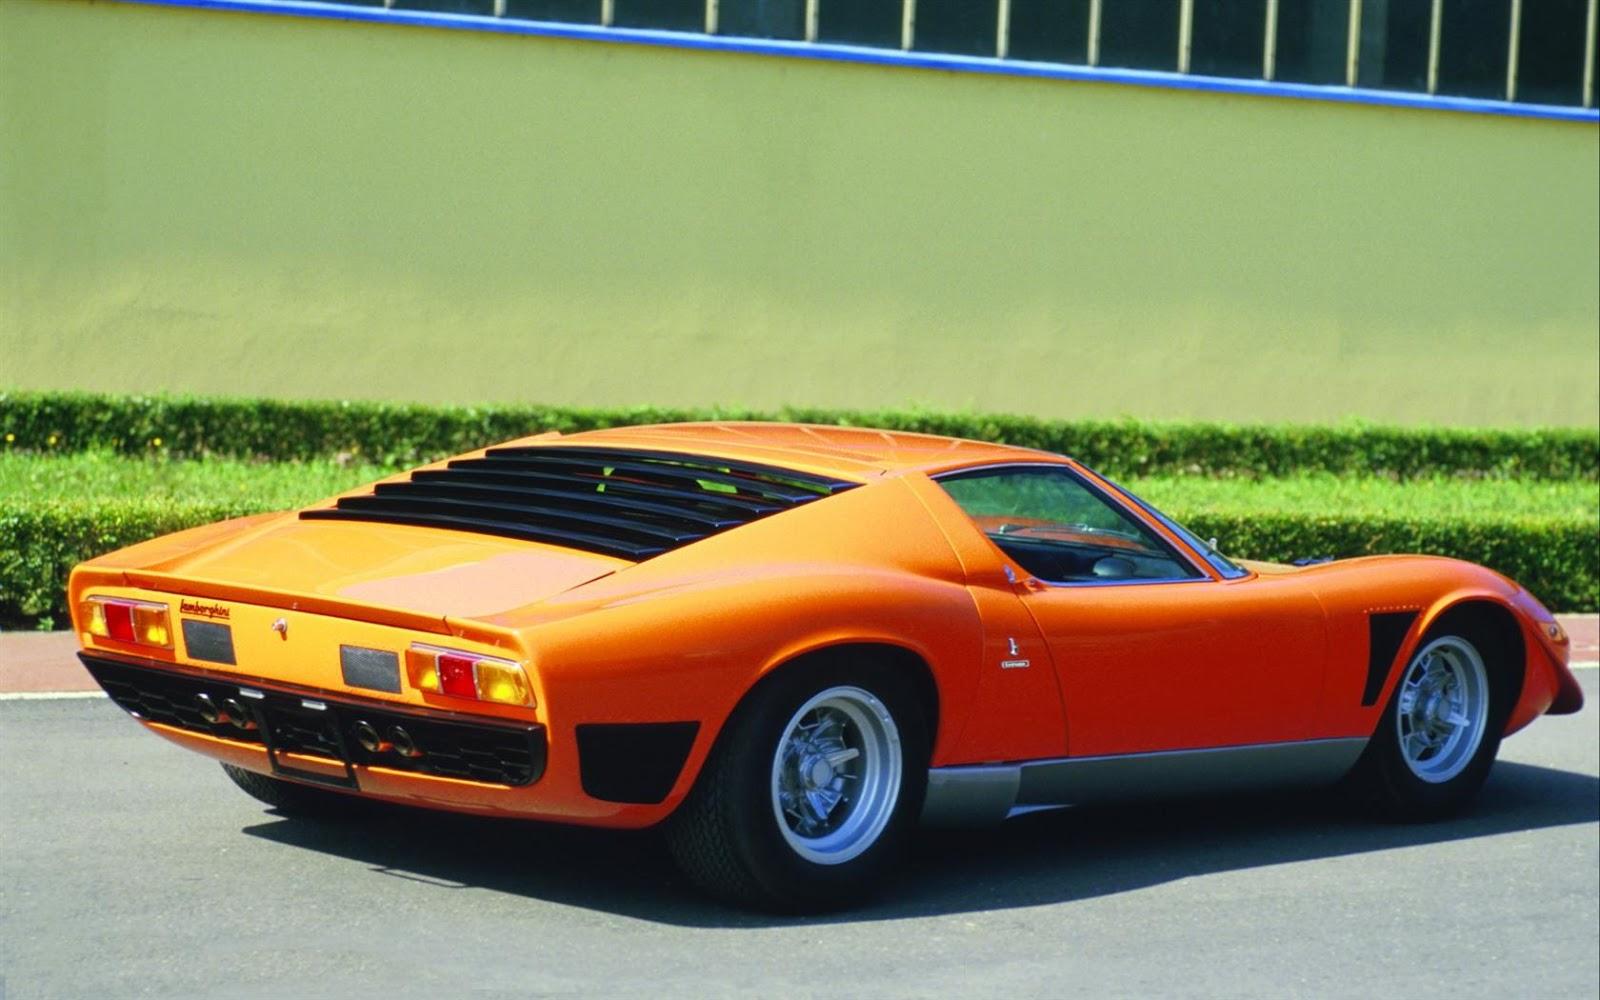 Luxury Lamborghini Cars: Lamborghini Miura Wallpaper